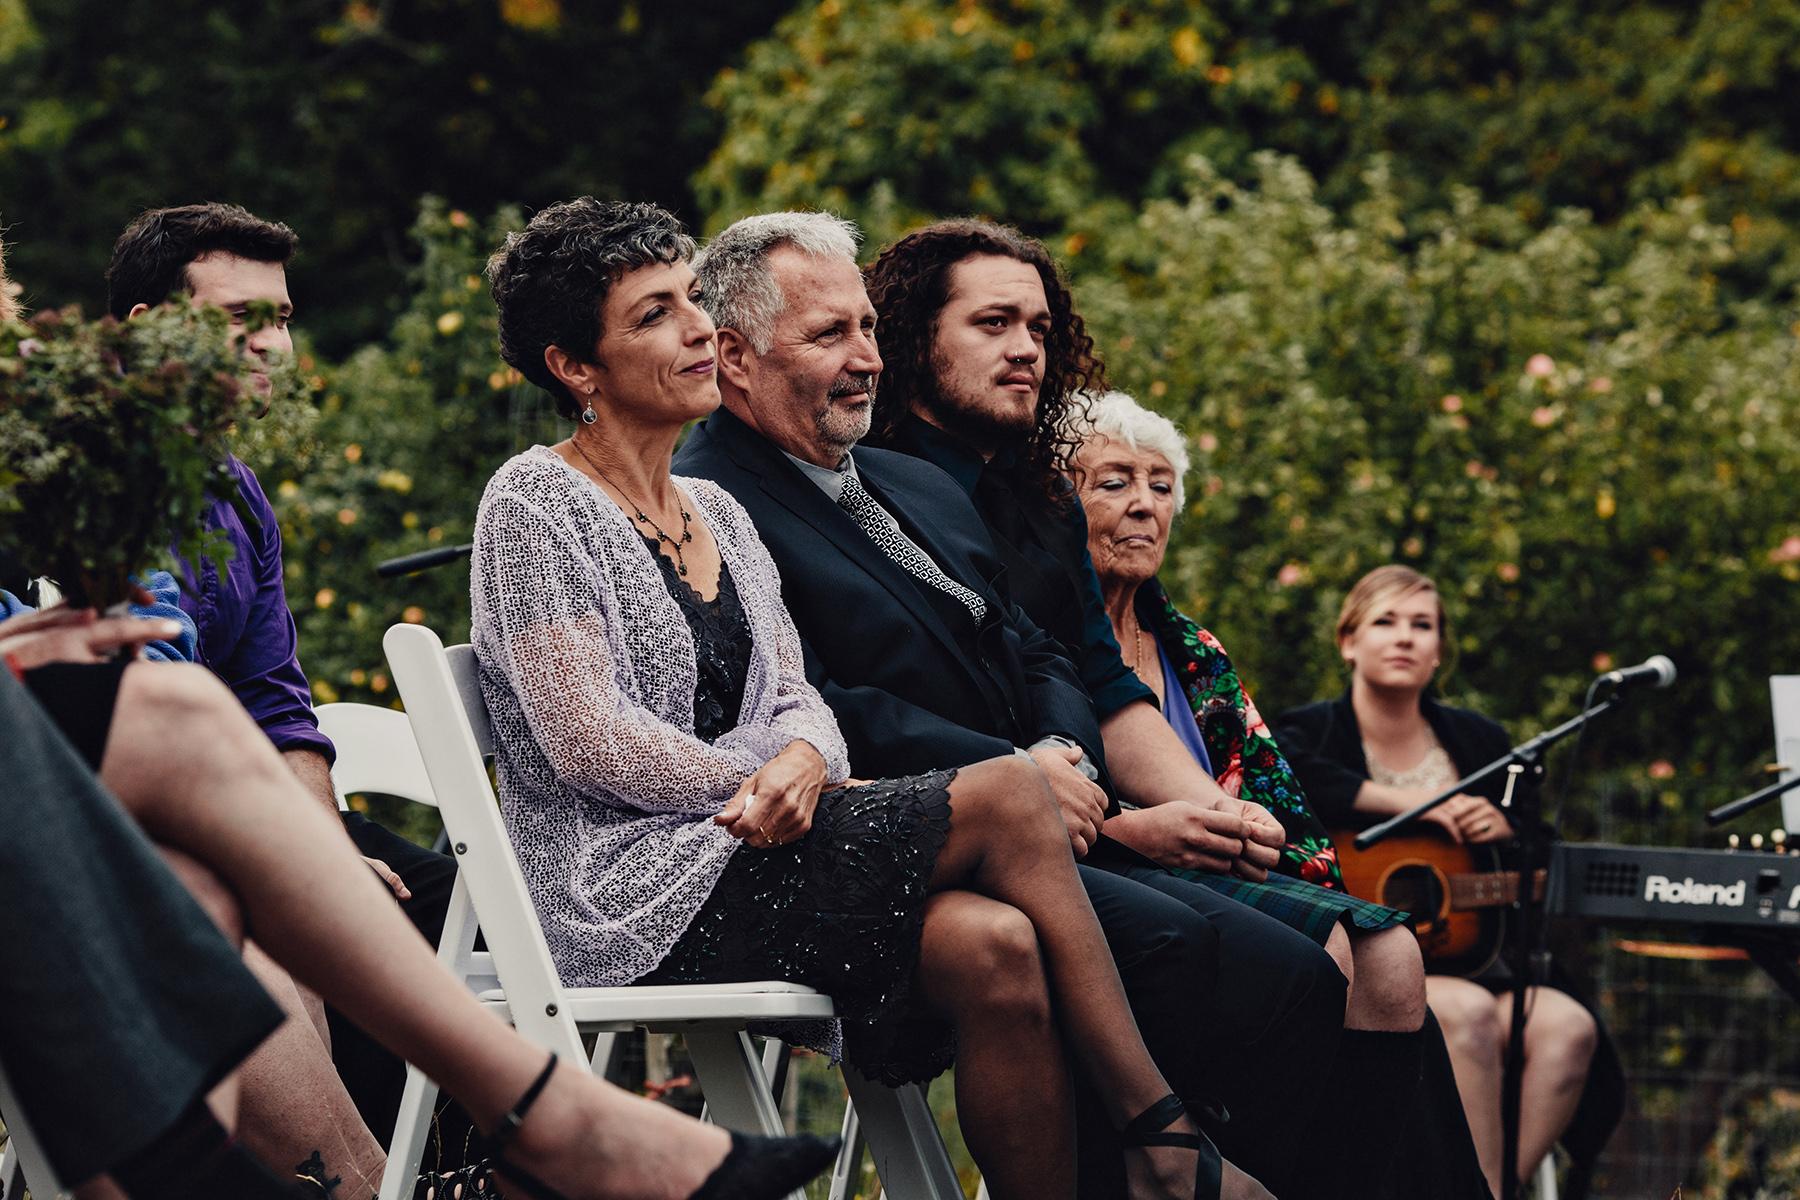 Glenrosa-Farms-Wedding-Photos-0231.jpg